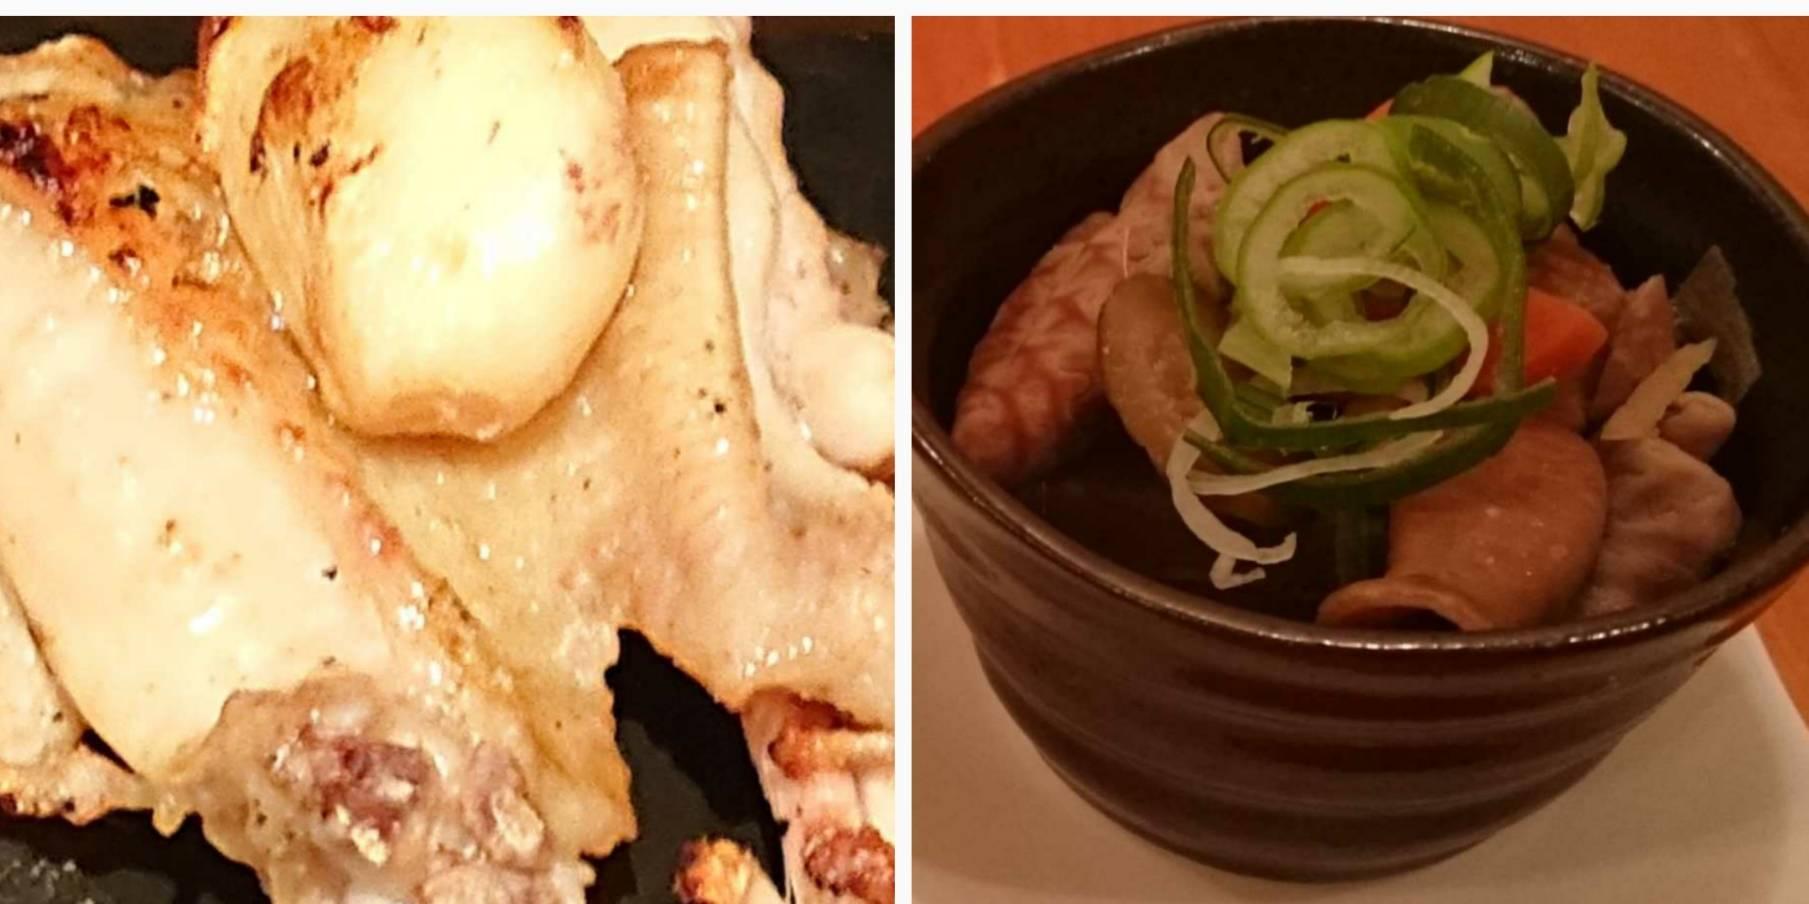 ビストロ 暖|合鴨のオレンジソース、ミニ暖サラダ、れんこんの黒コショー炒め